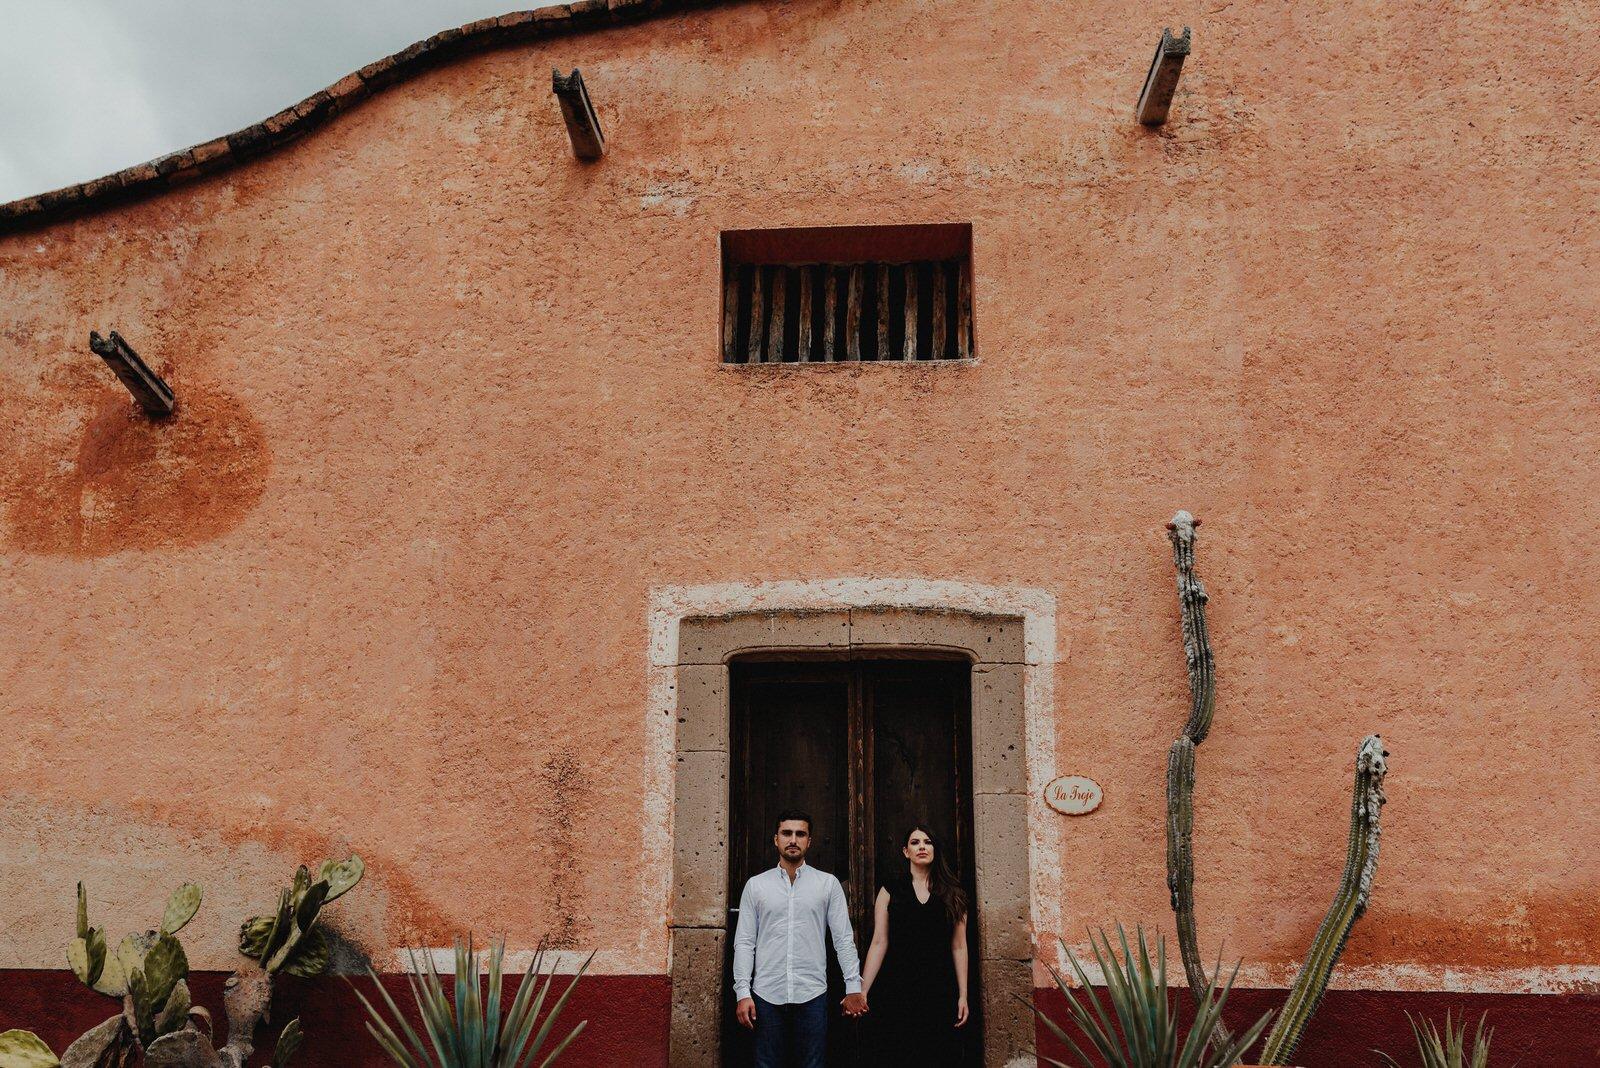 raquel miranda fotografia_sesión_casual_ale&artemio-48-1.jpg